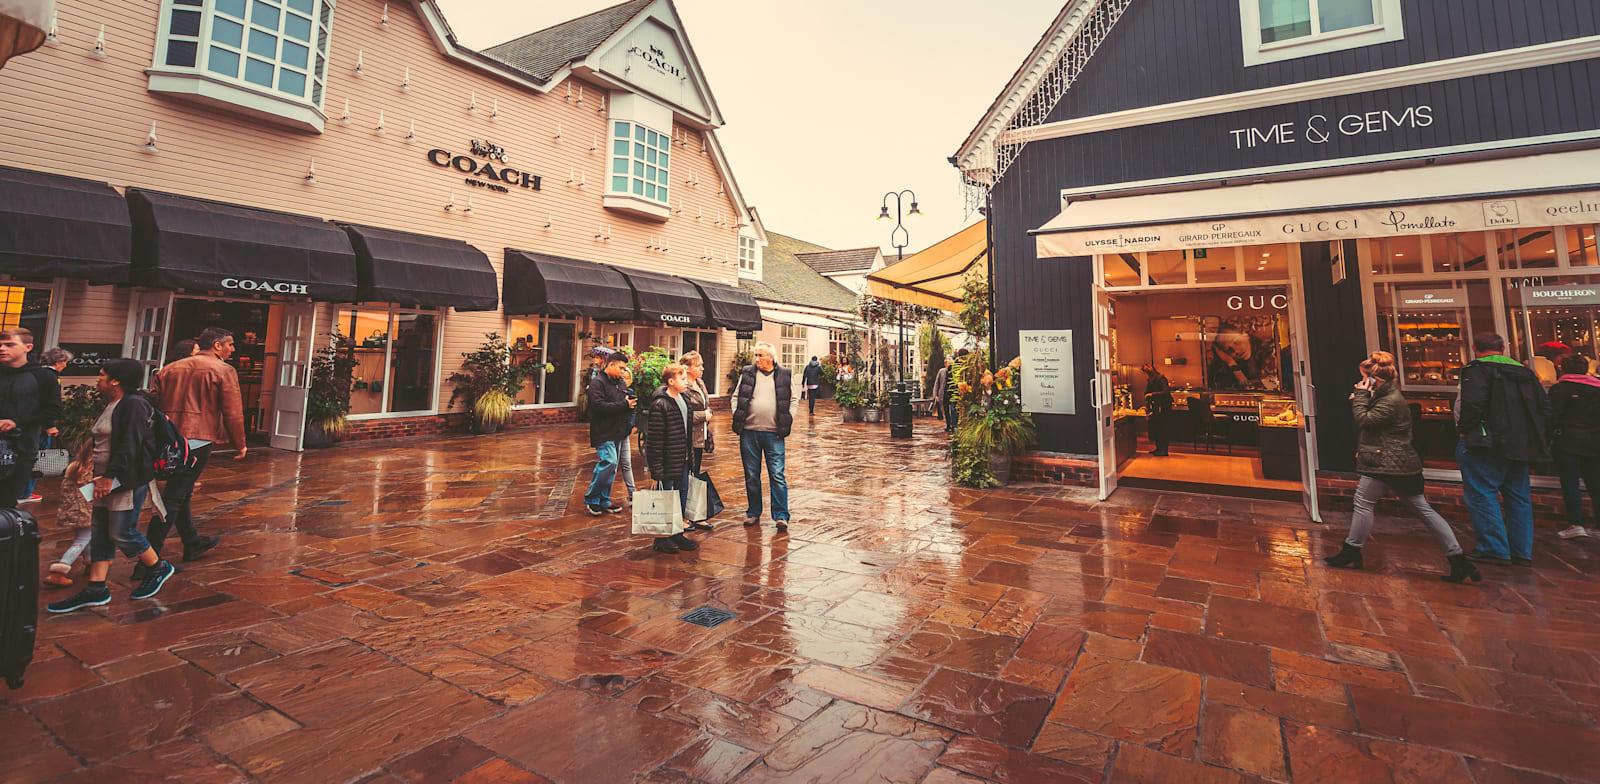 הקניון הפתוח בכפר ביסטר. יותר משני שלישים מהמבקרים ב־2019 היו תיירים / צילום: Shutterstock